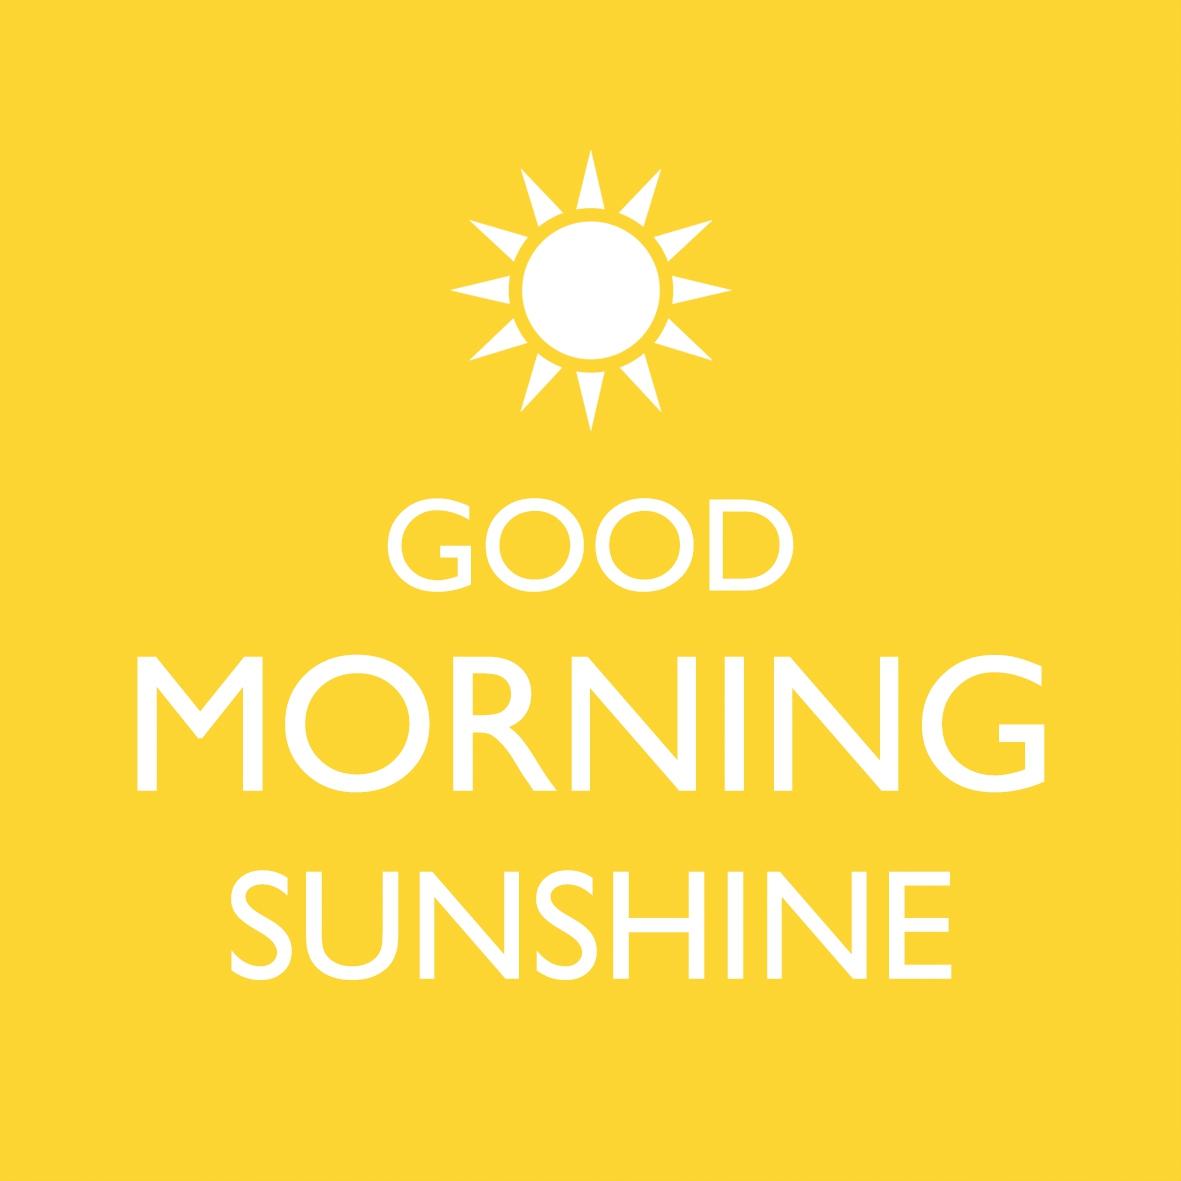 Lunch Servietten Sunny Morning,  Sonstiges - Schriften,  Everyday,  lunchservietten,  Sonne,  gelb